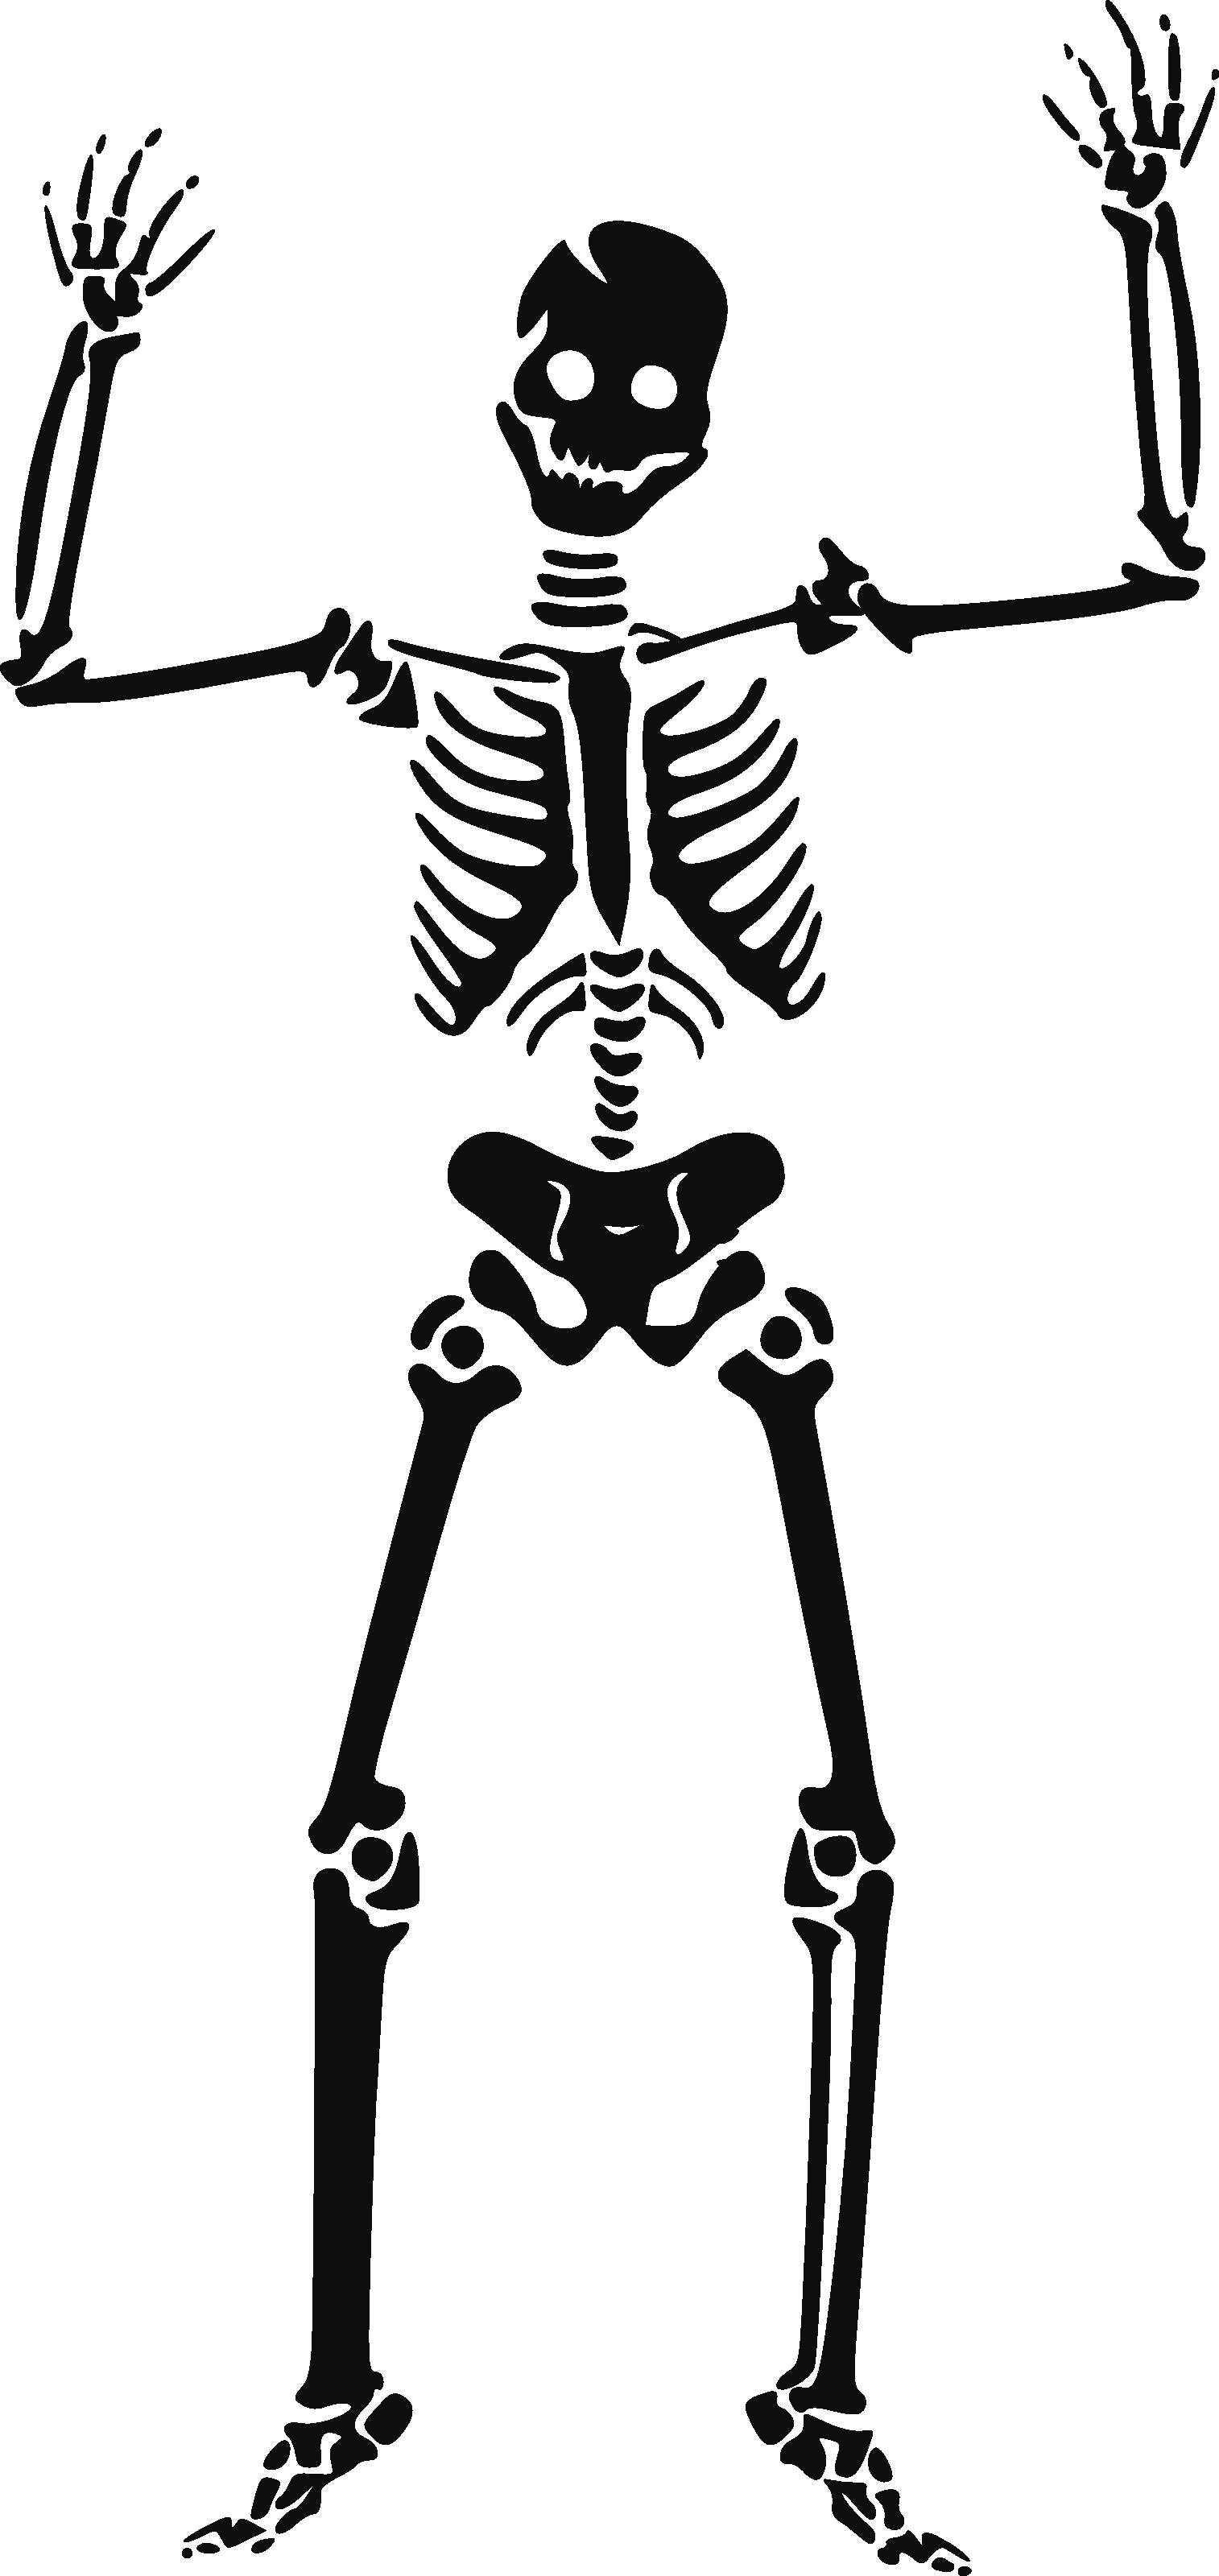 Skeleton siluet PNG